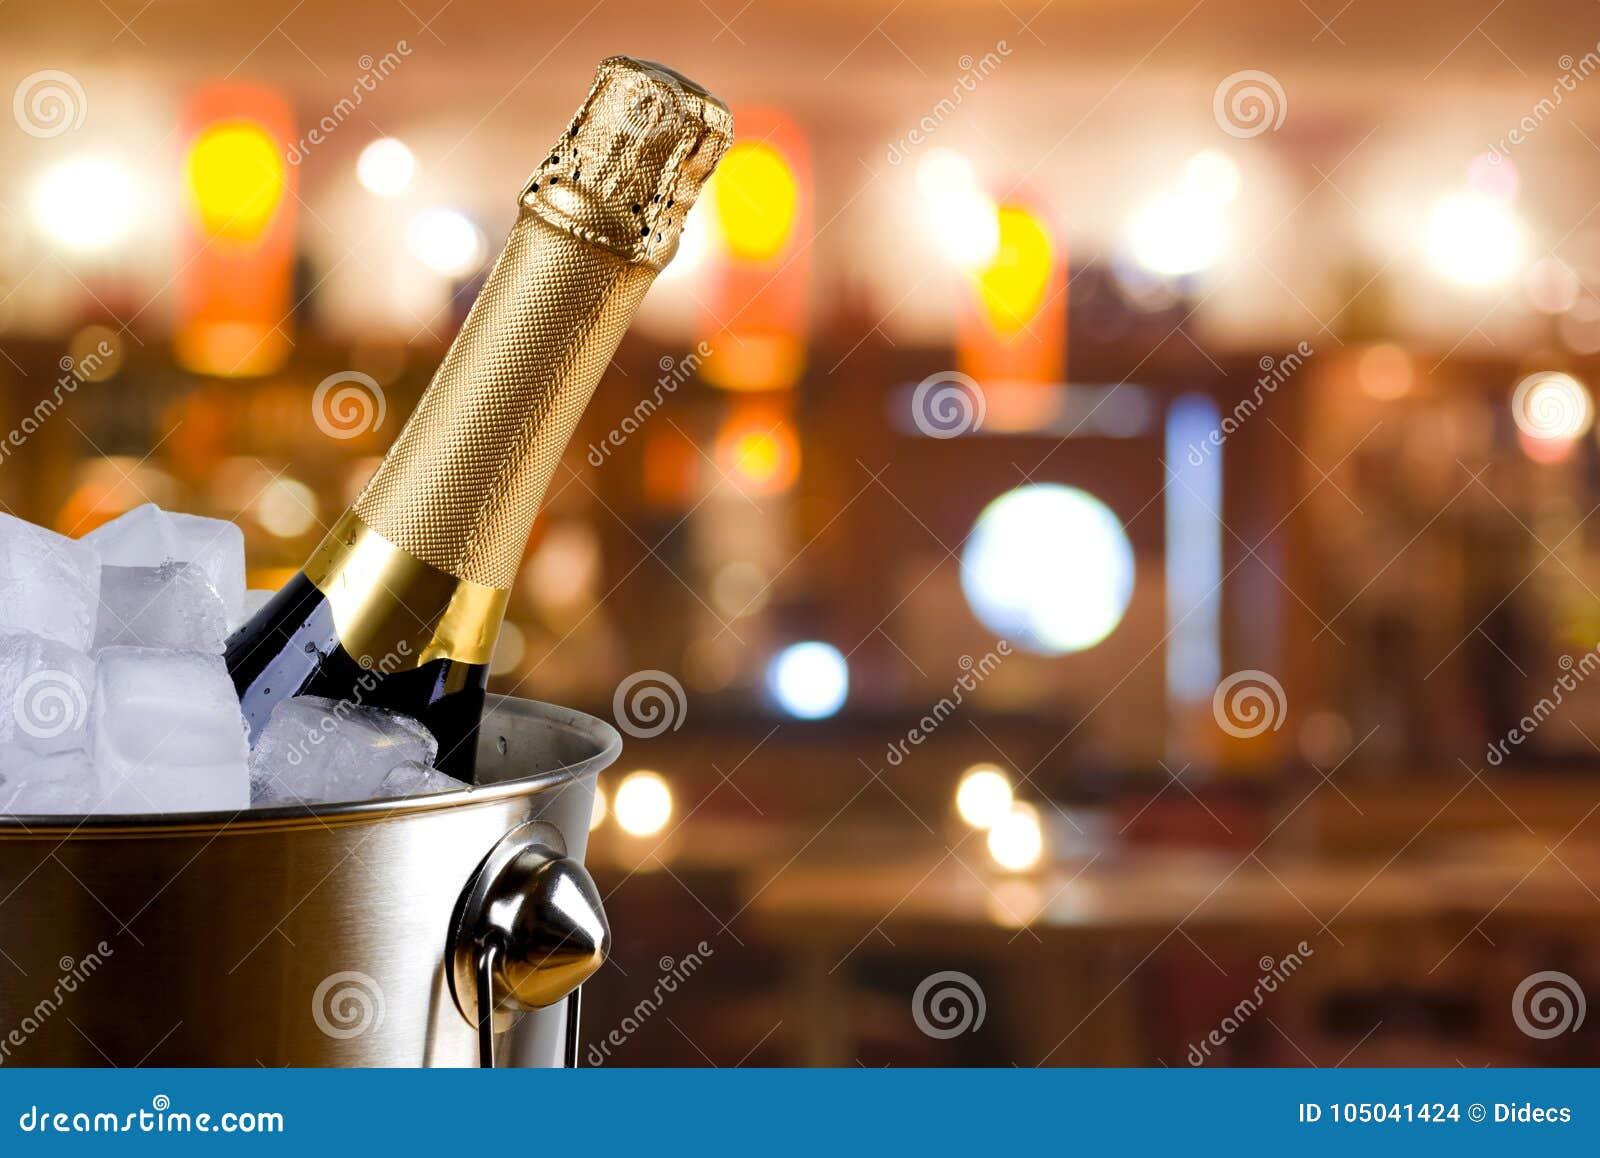 Sparkling wine bottle in ice bucket on blurred restaurant background